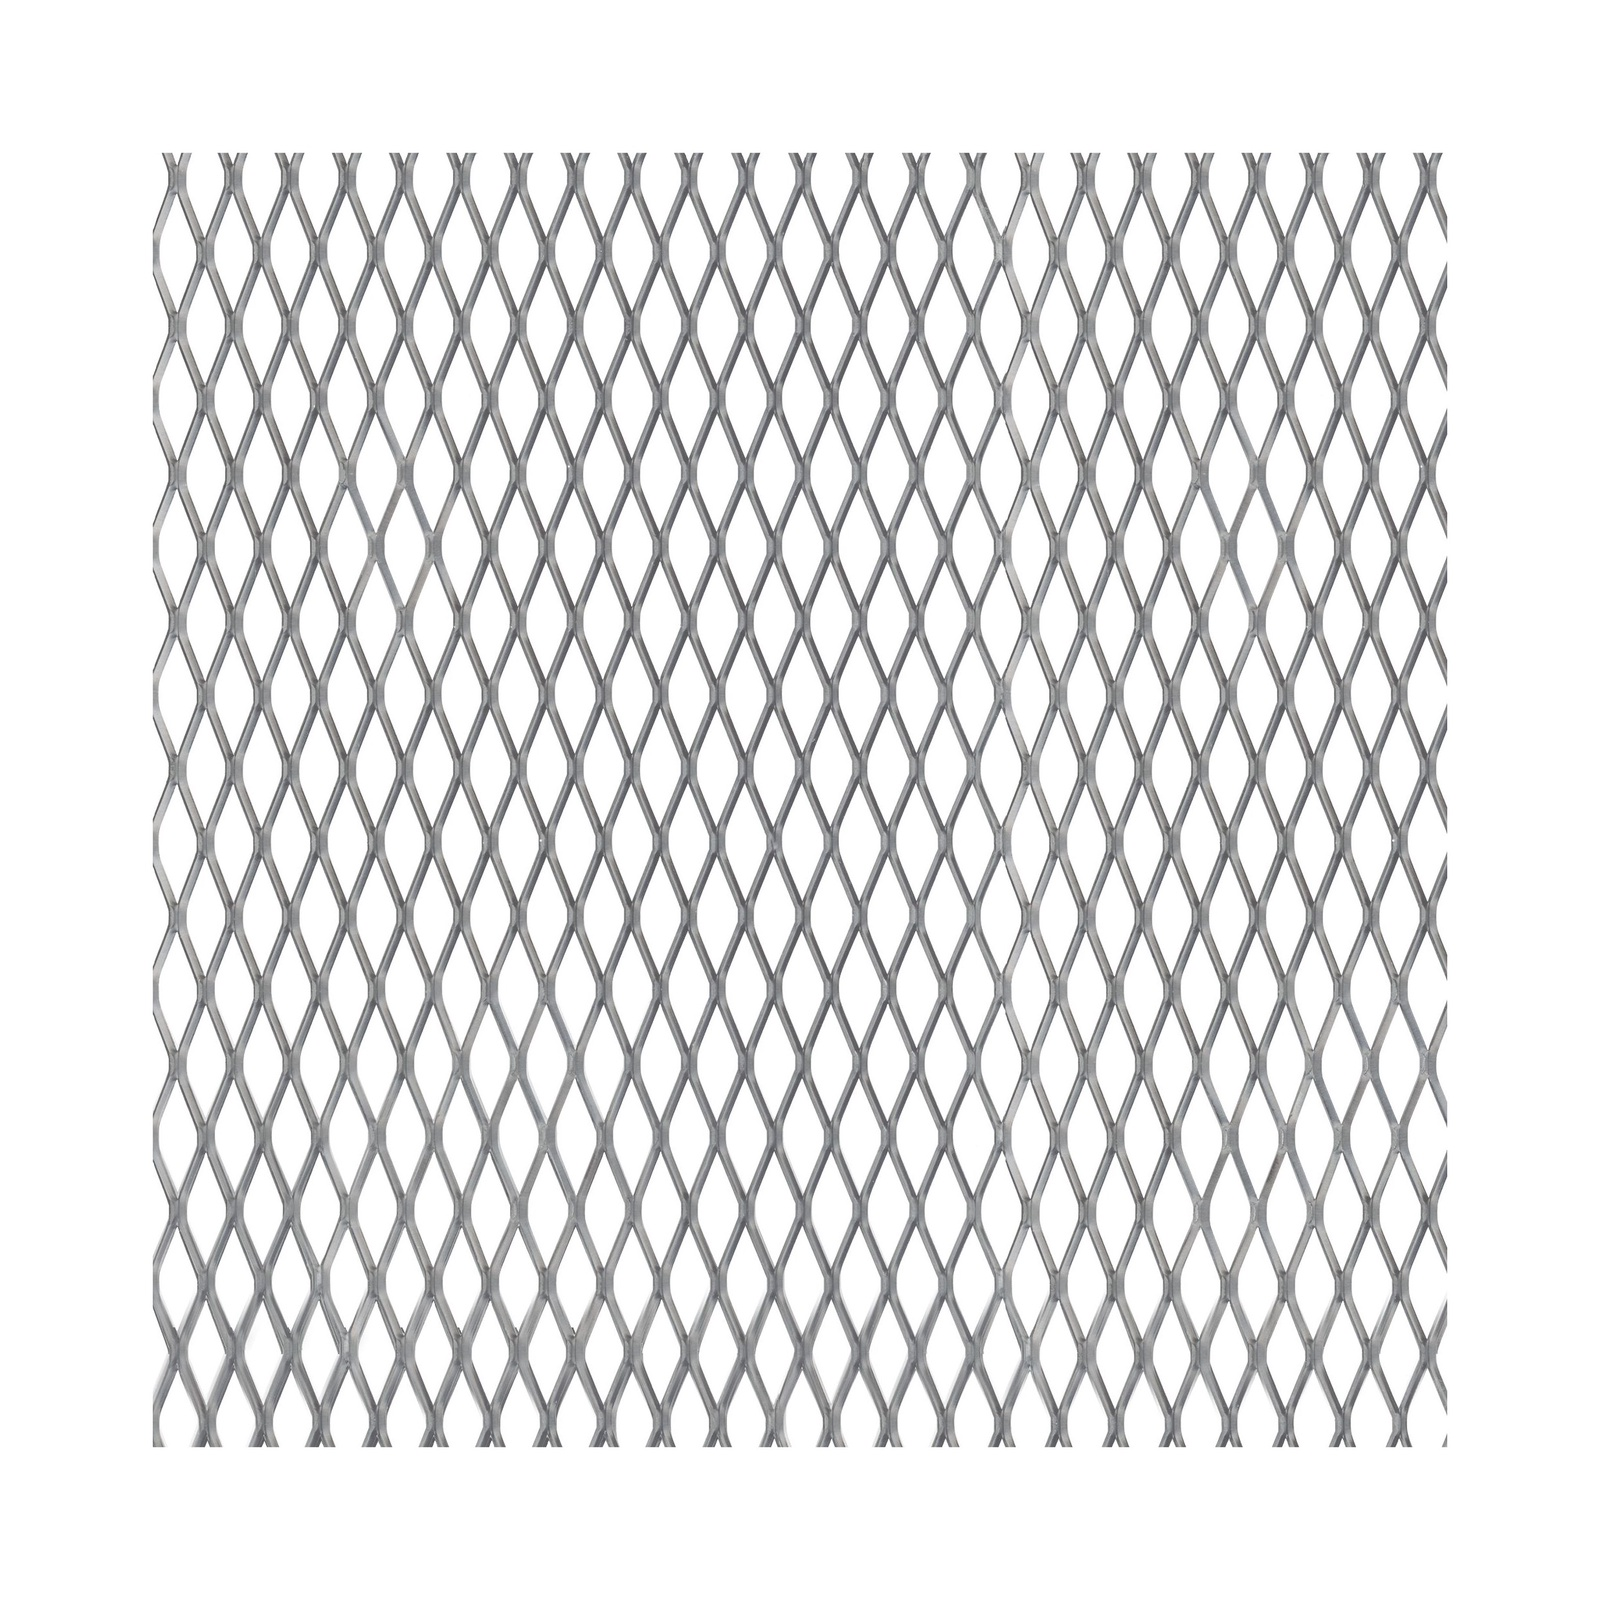 Лист стальной, Gah Alberts, штрекметалл 300x1000x1,2 мм